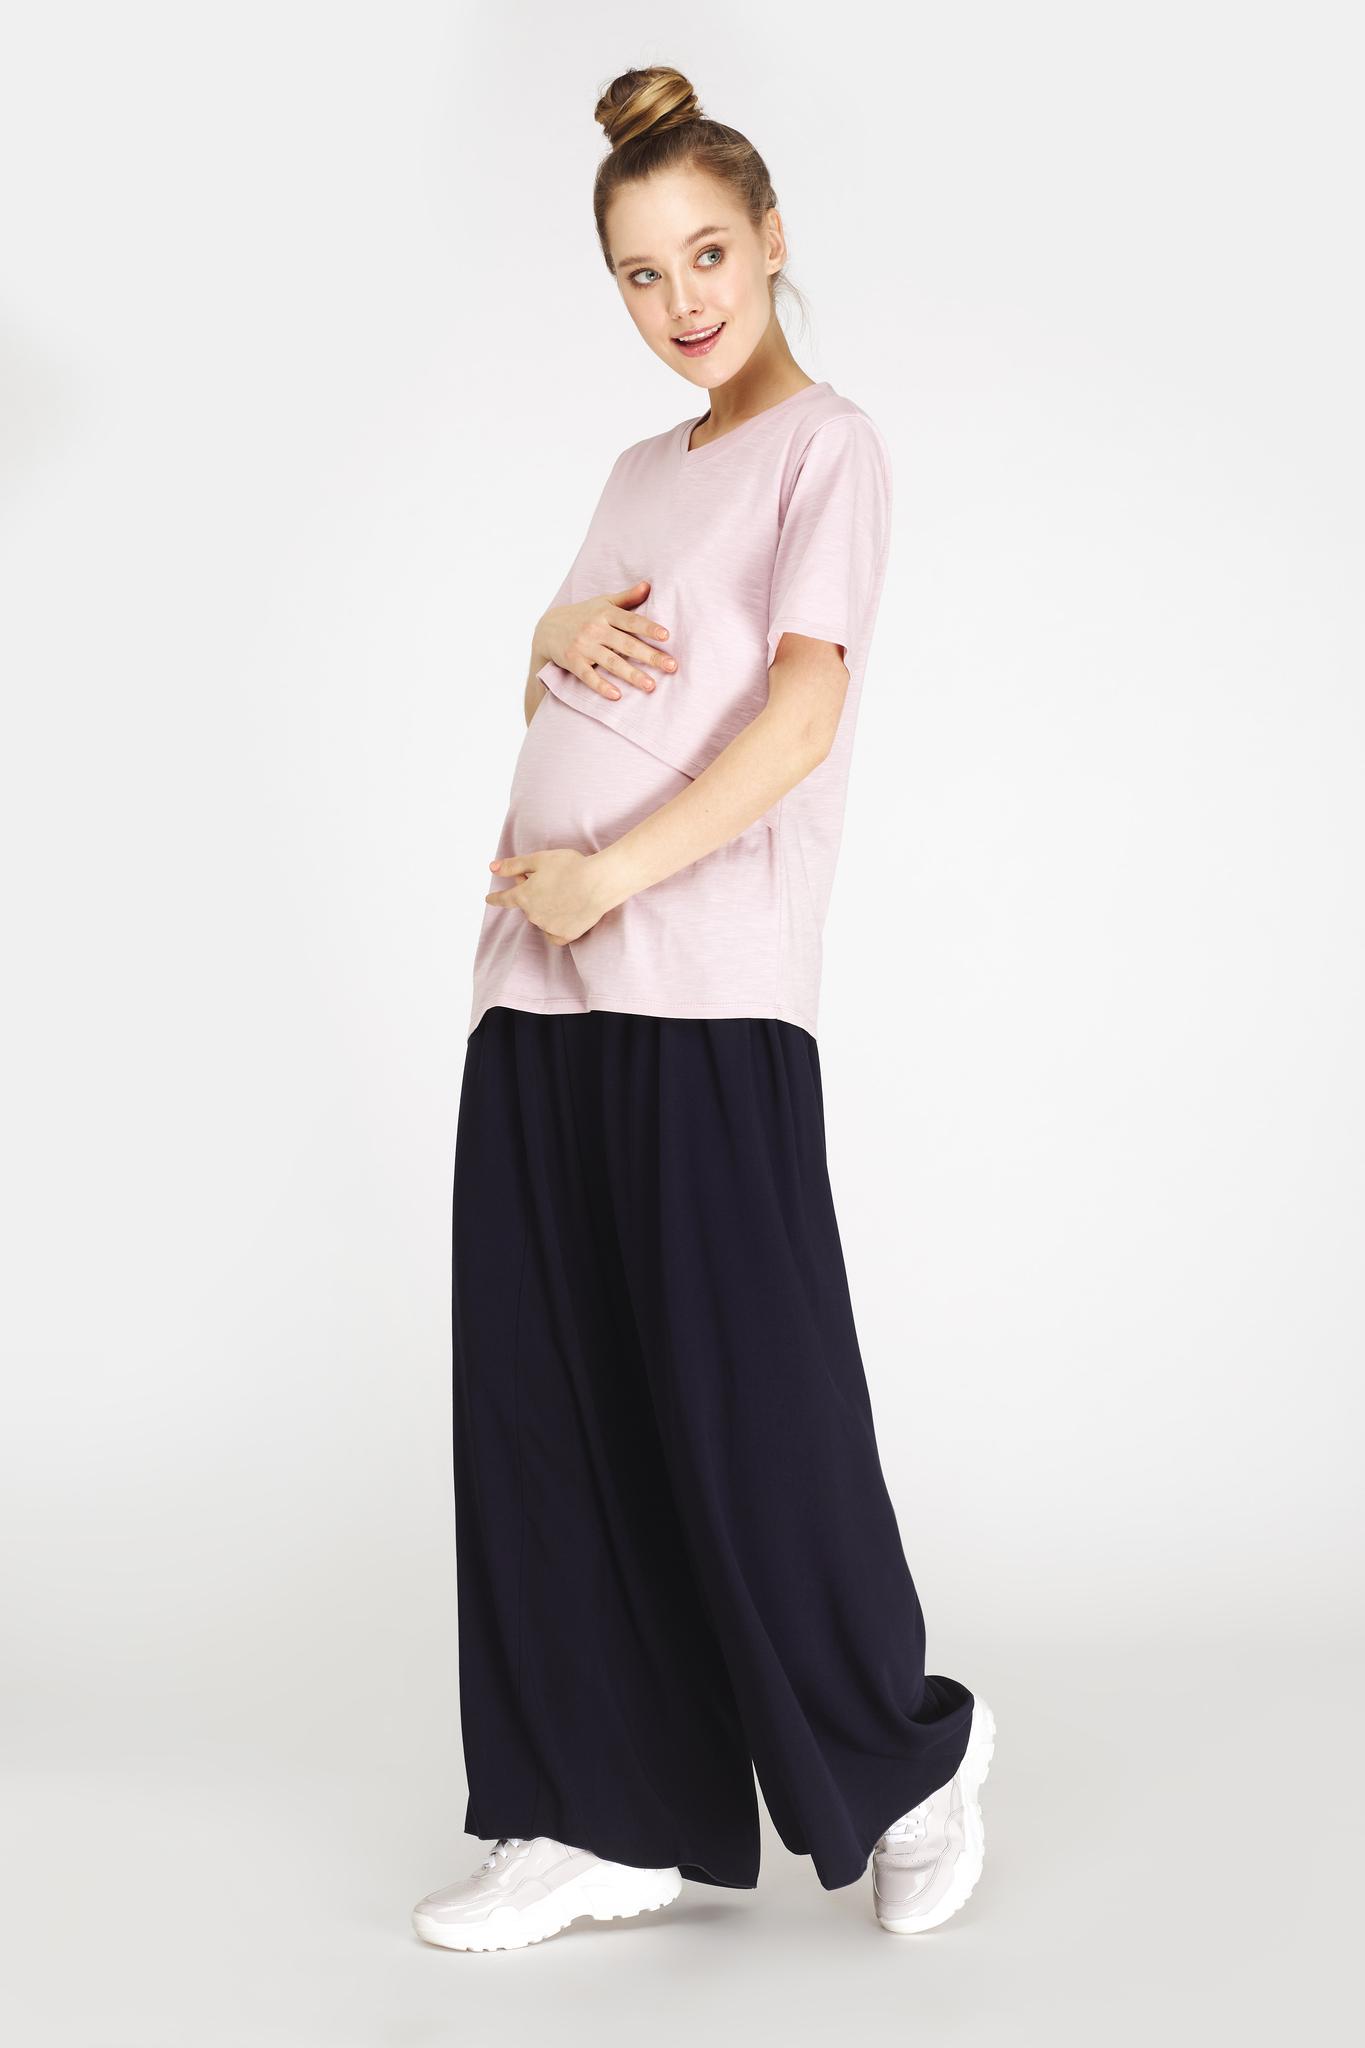 Выбор штанов и брюк для беременных - фото 1